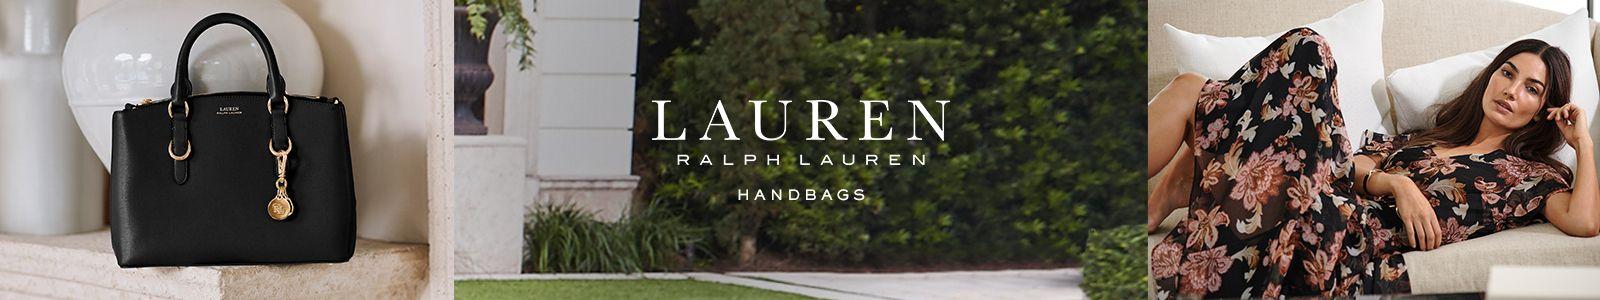 Lauren, Ralph Lauren, Handbags